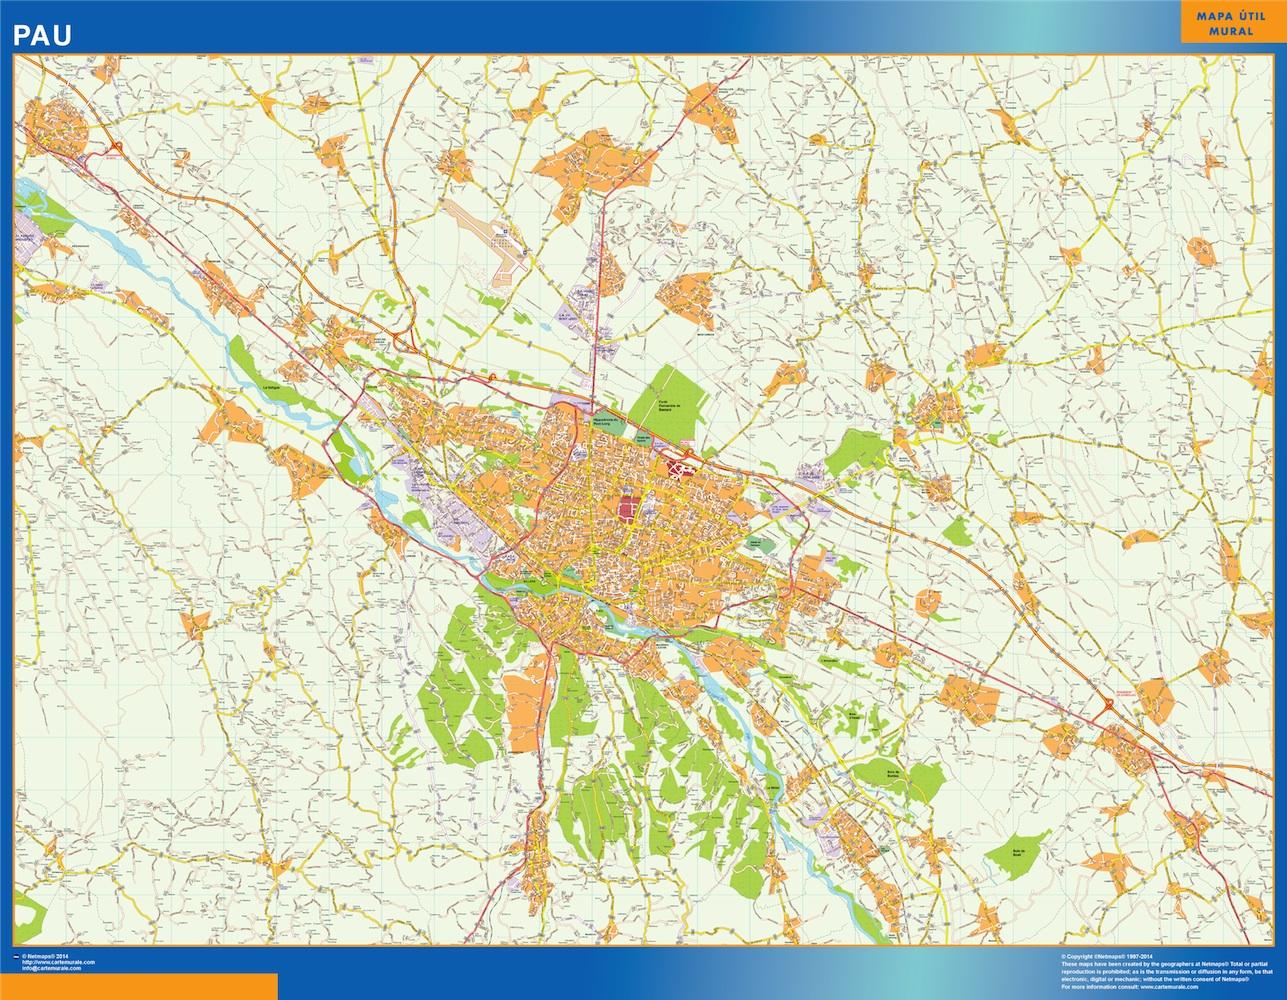 pau map